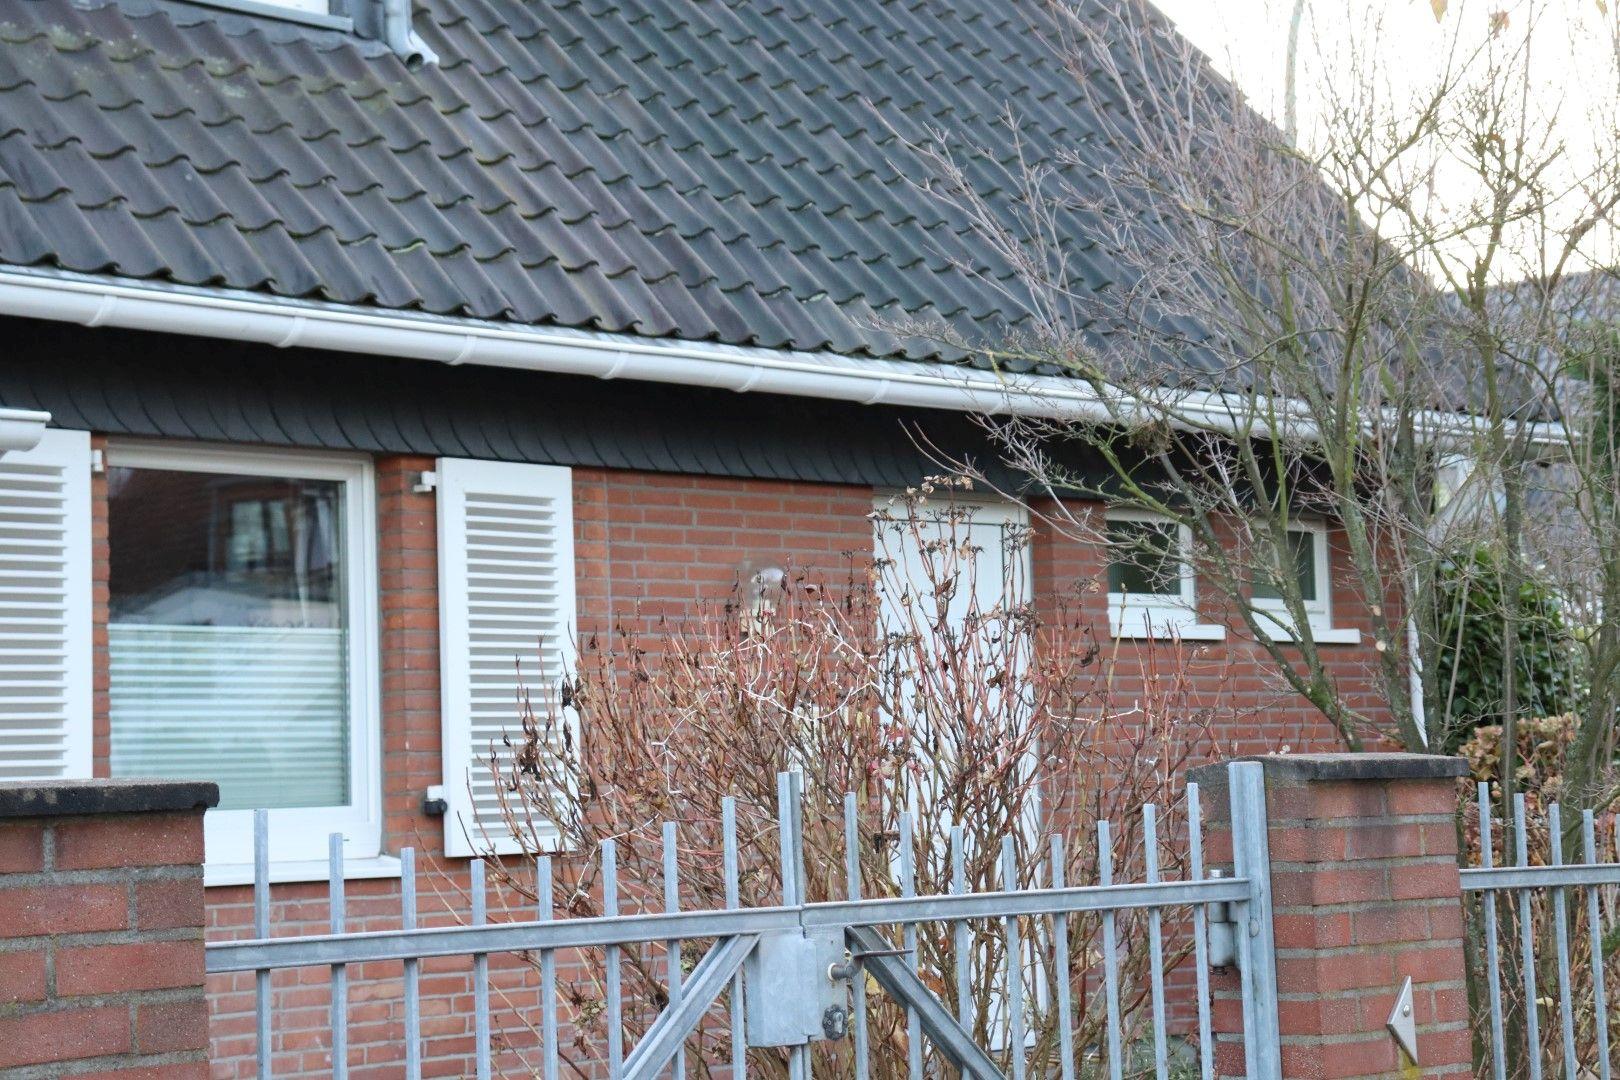 Immobilie Nr.0284 | Hohegrabenweg 56, 40667 Meerbusch